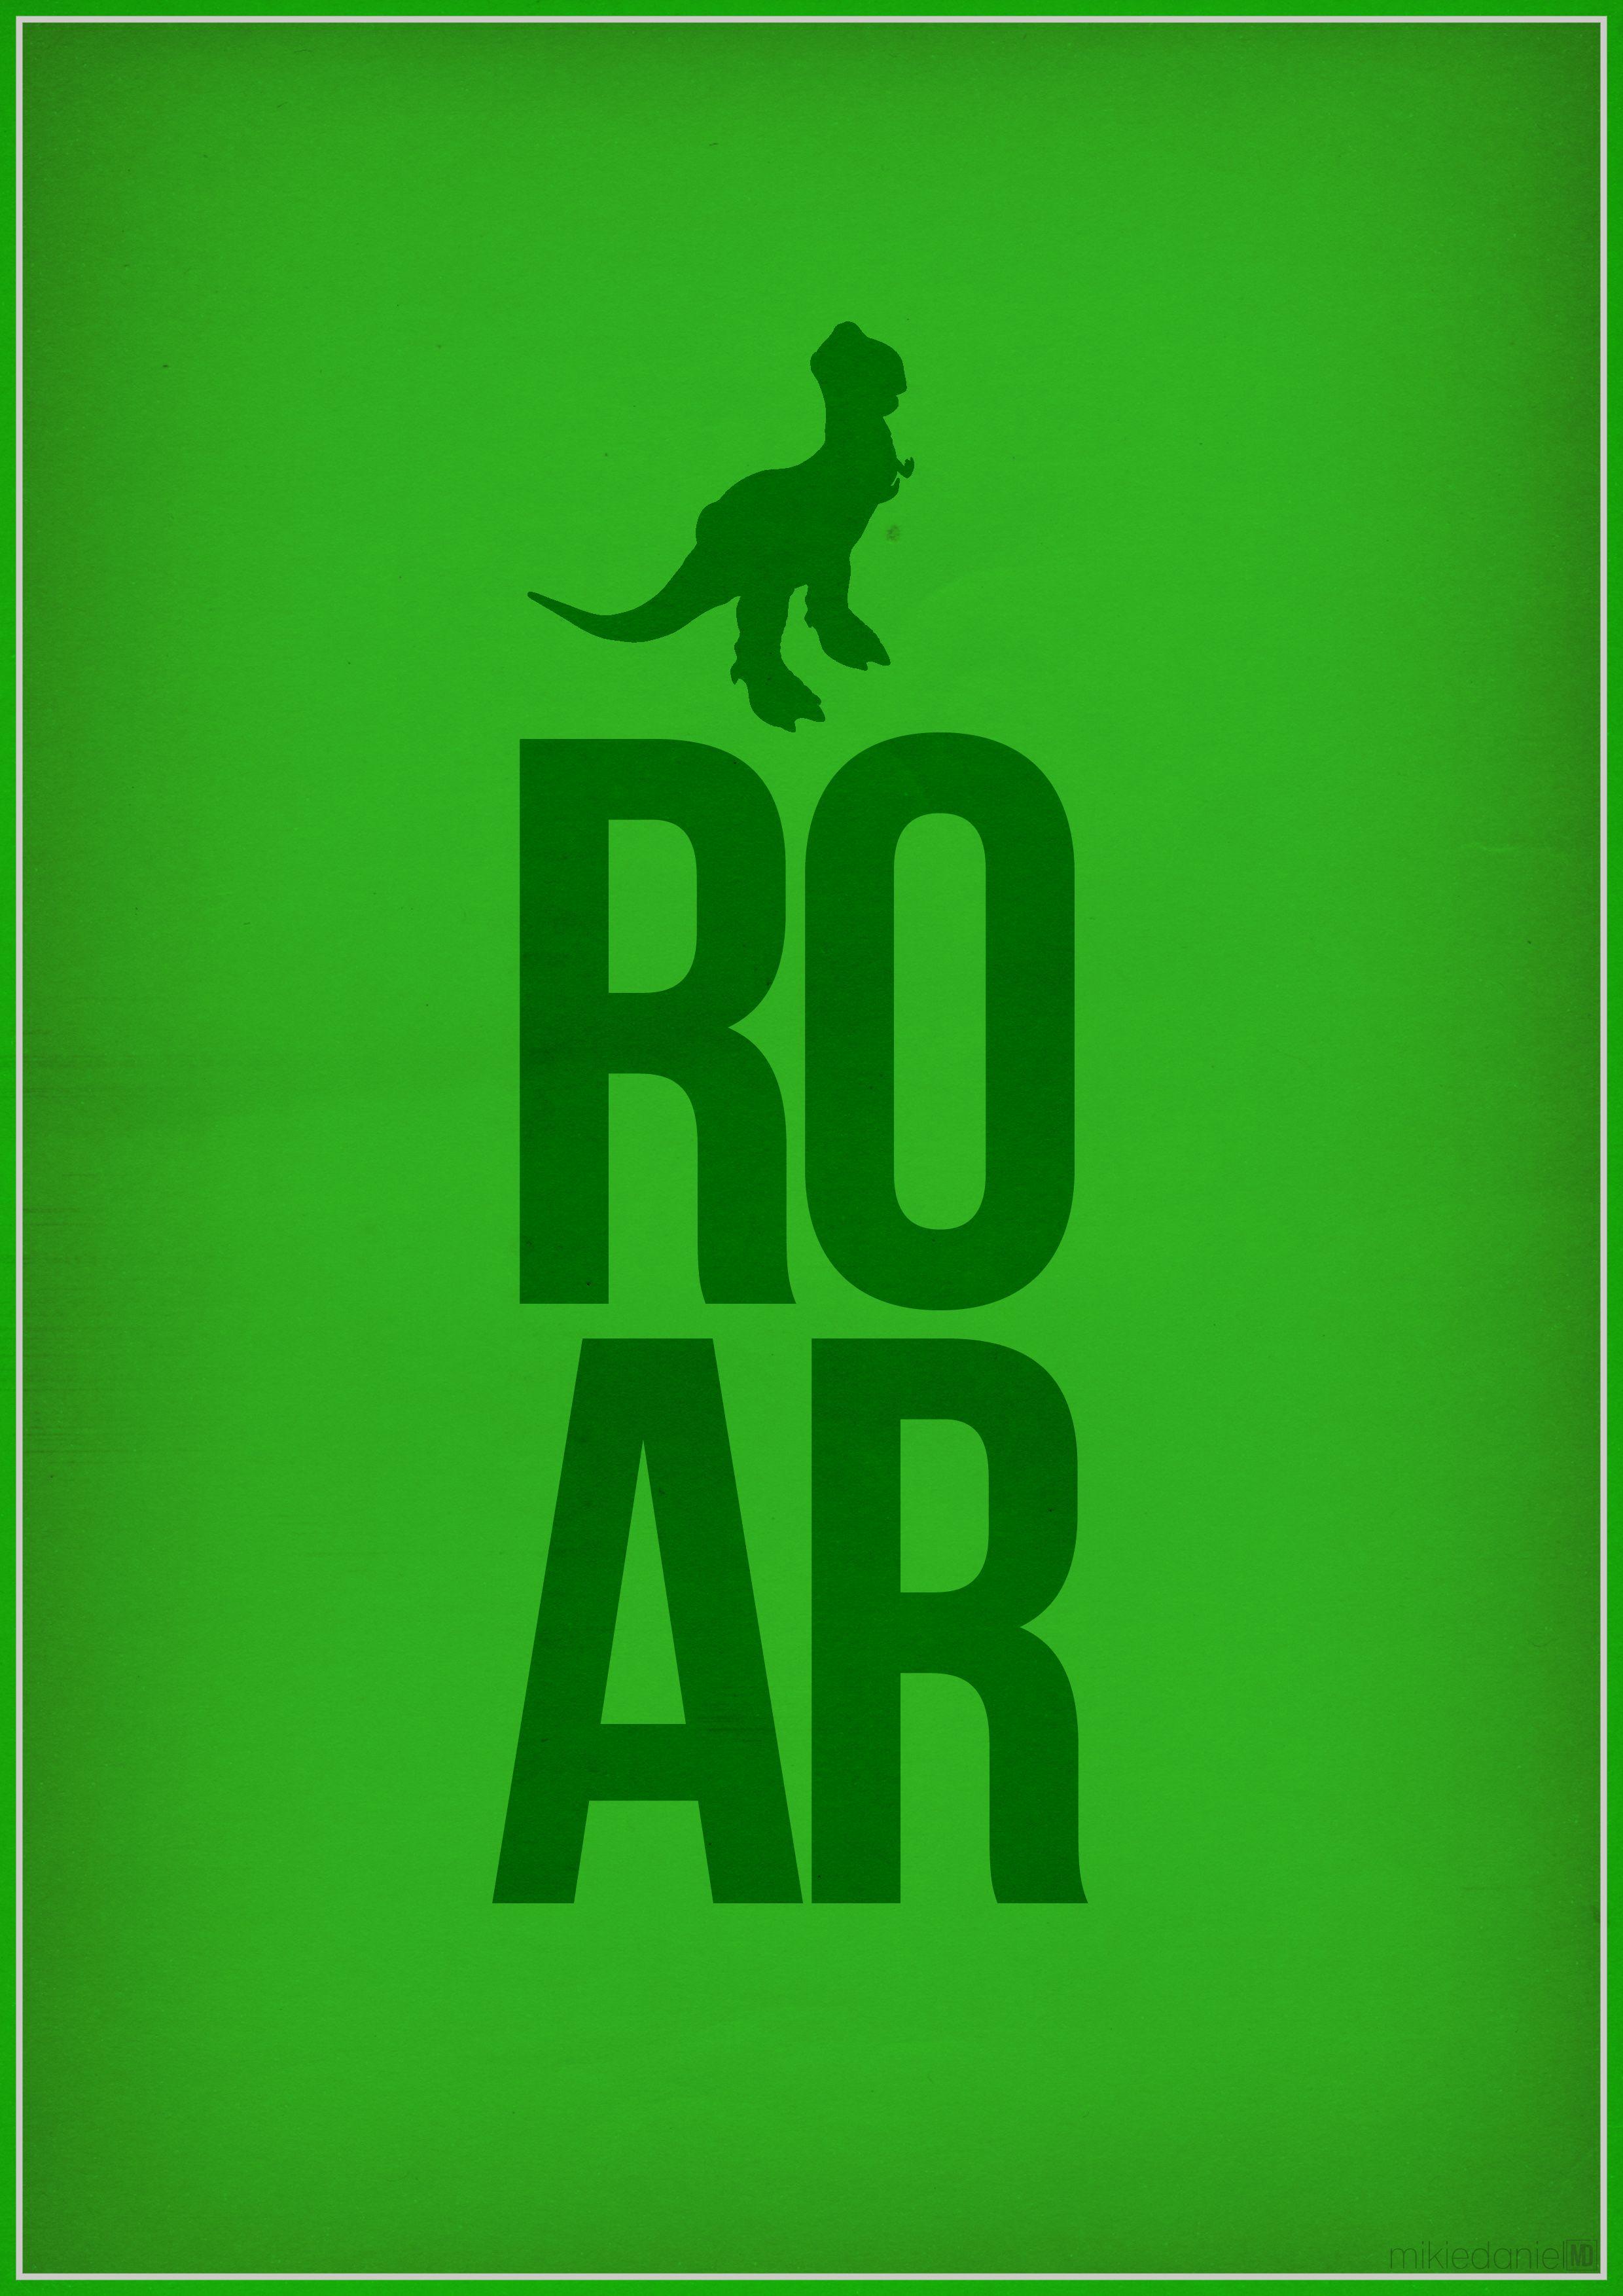 Minimalist Movie Poster Background